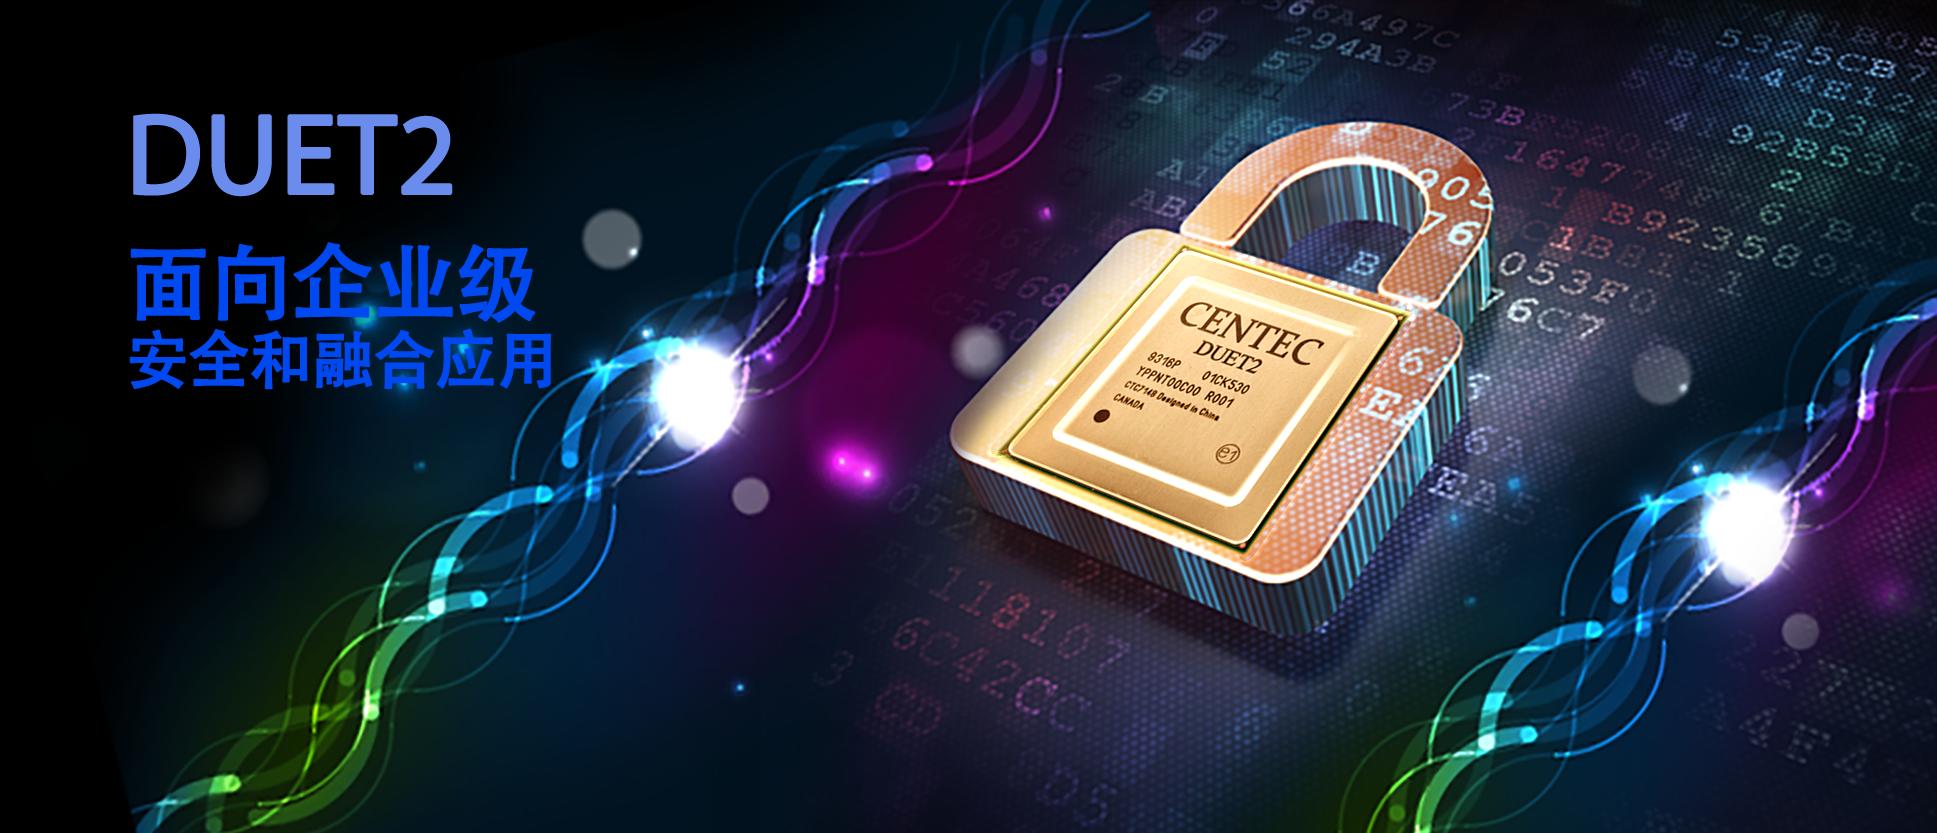 盛科网络发布面向企业级安全和融合应用的第五代核心芯片DUET2